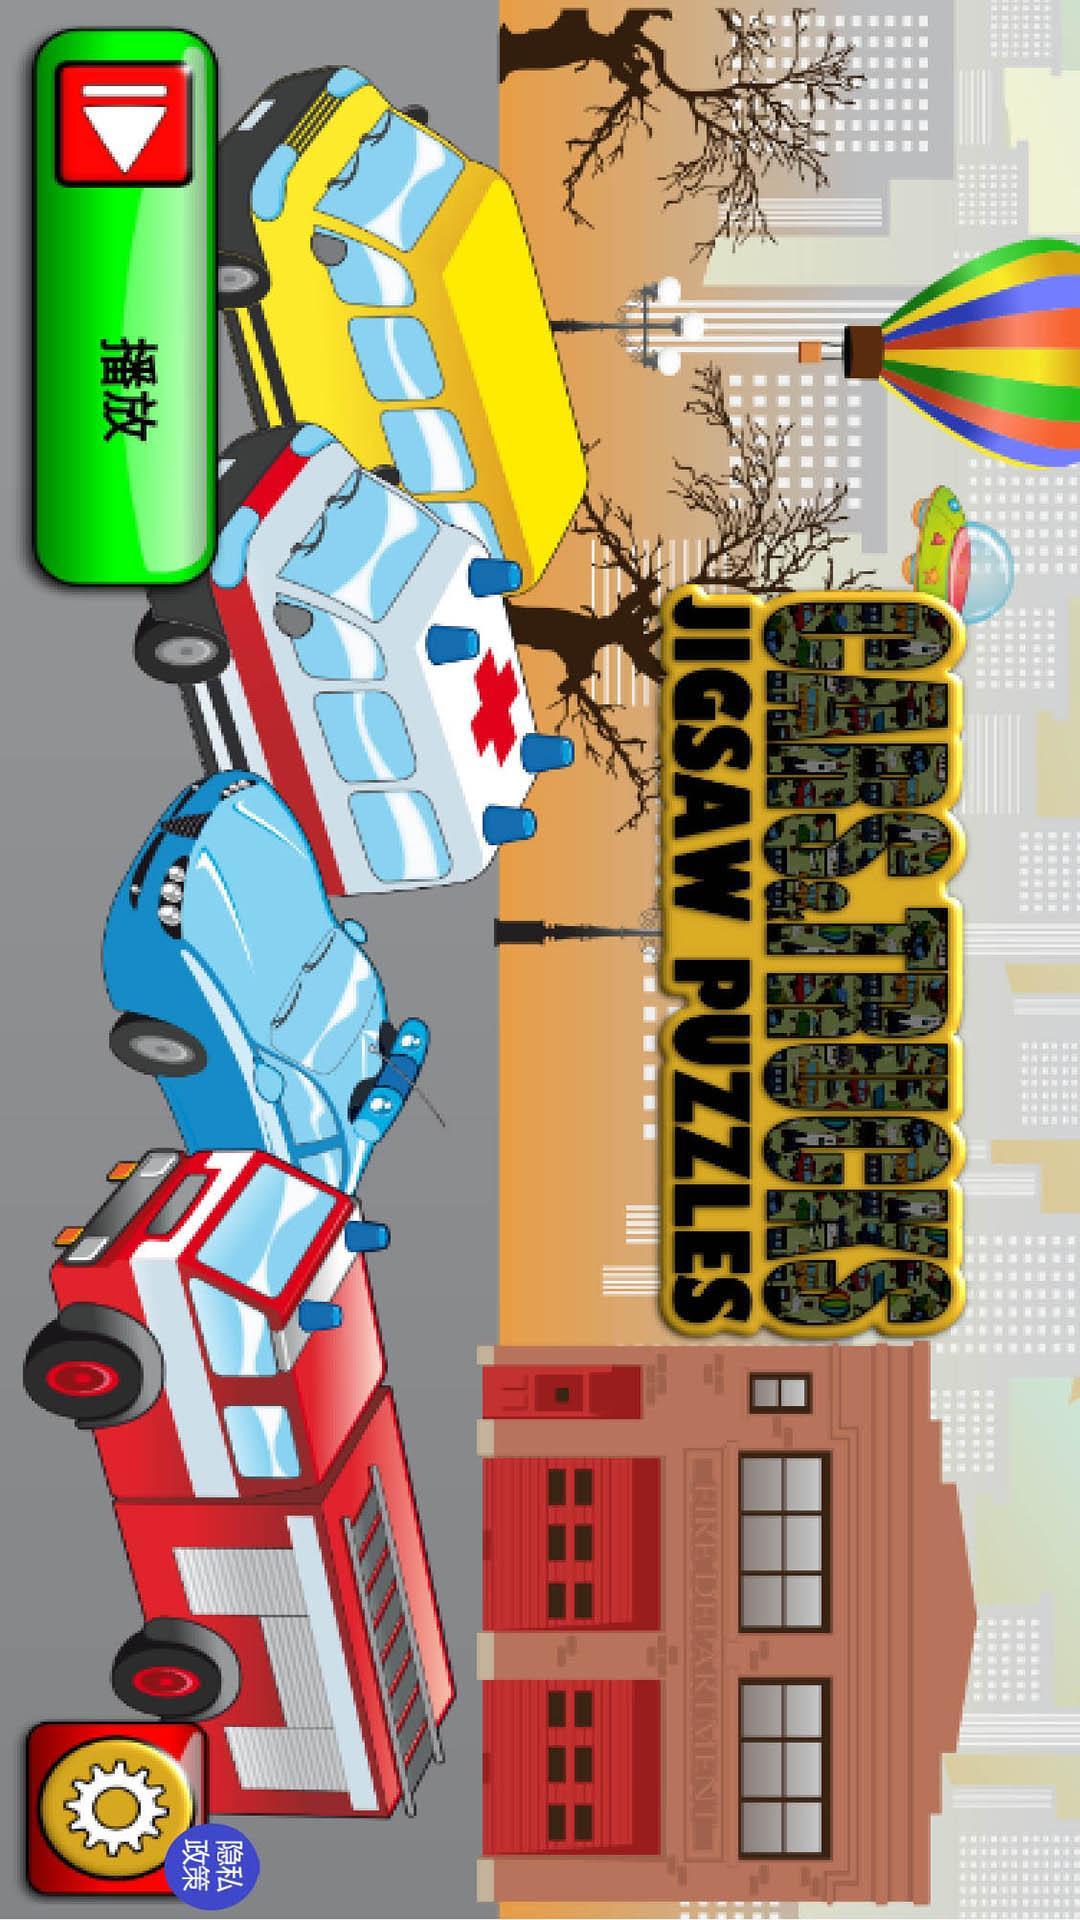 趣味卡车:一款让人玩了就停不下来的休闲益智的游戏